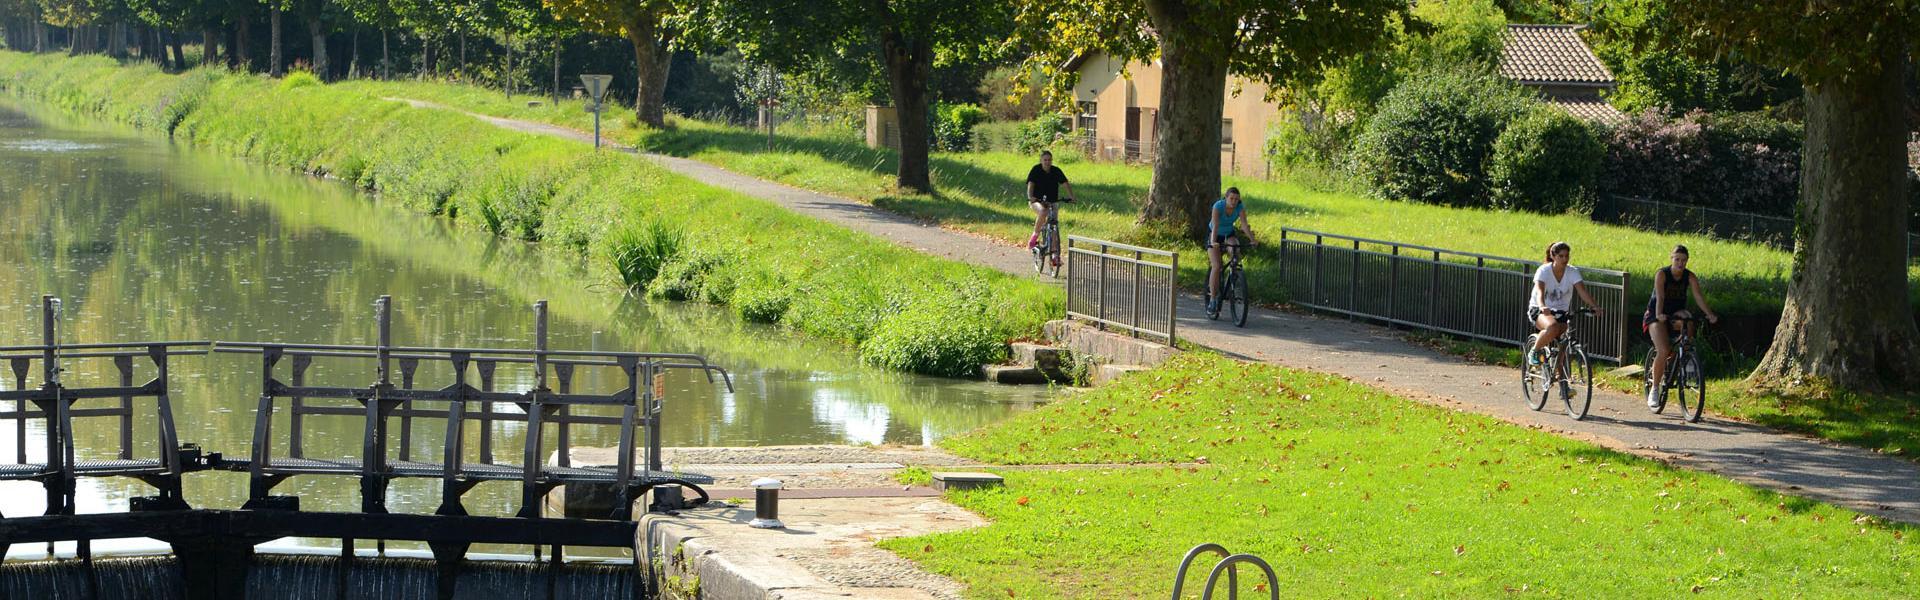 Le canal de Montech à Montauban